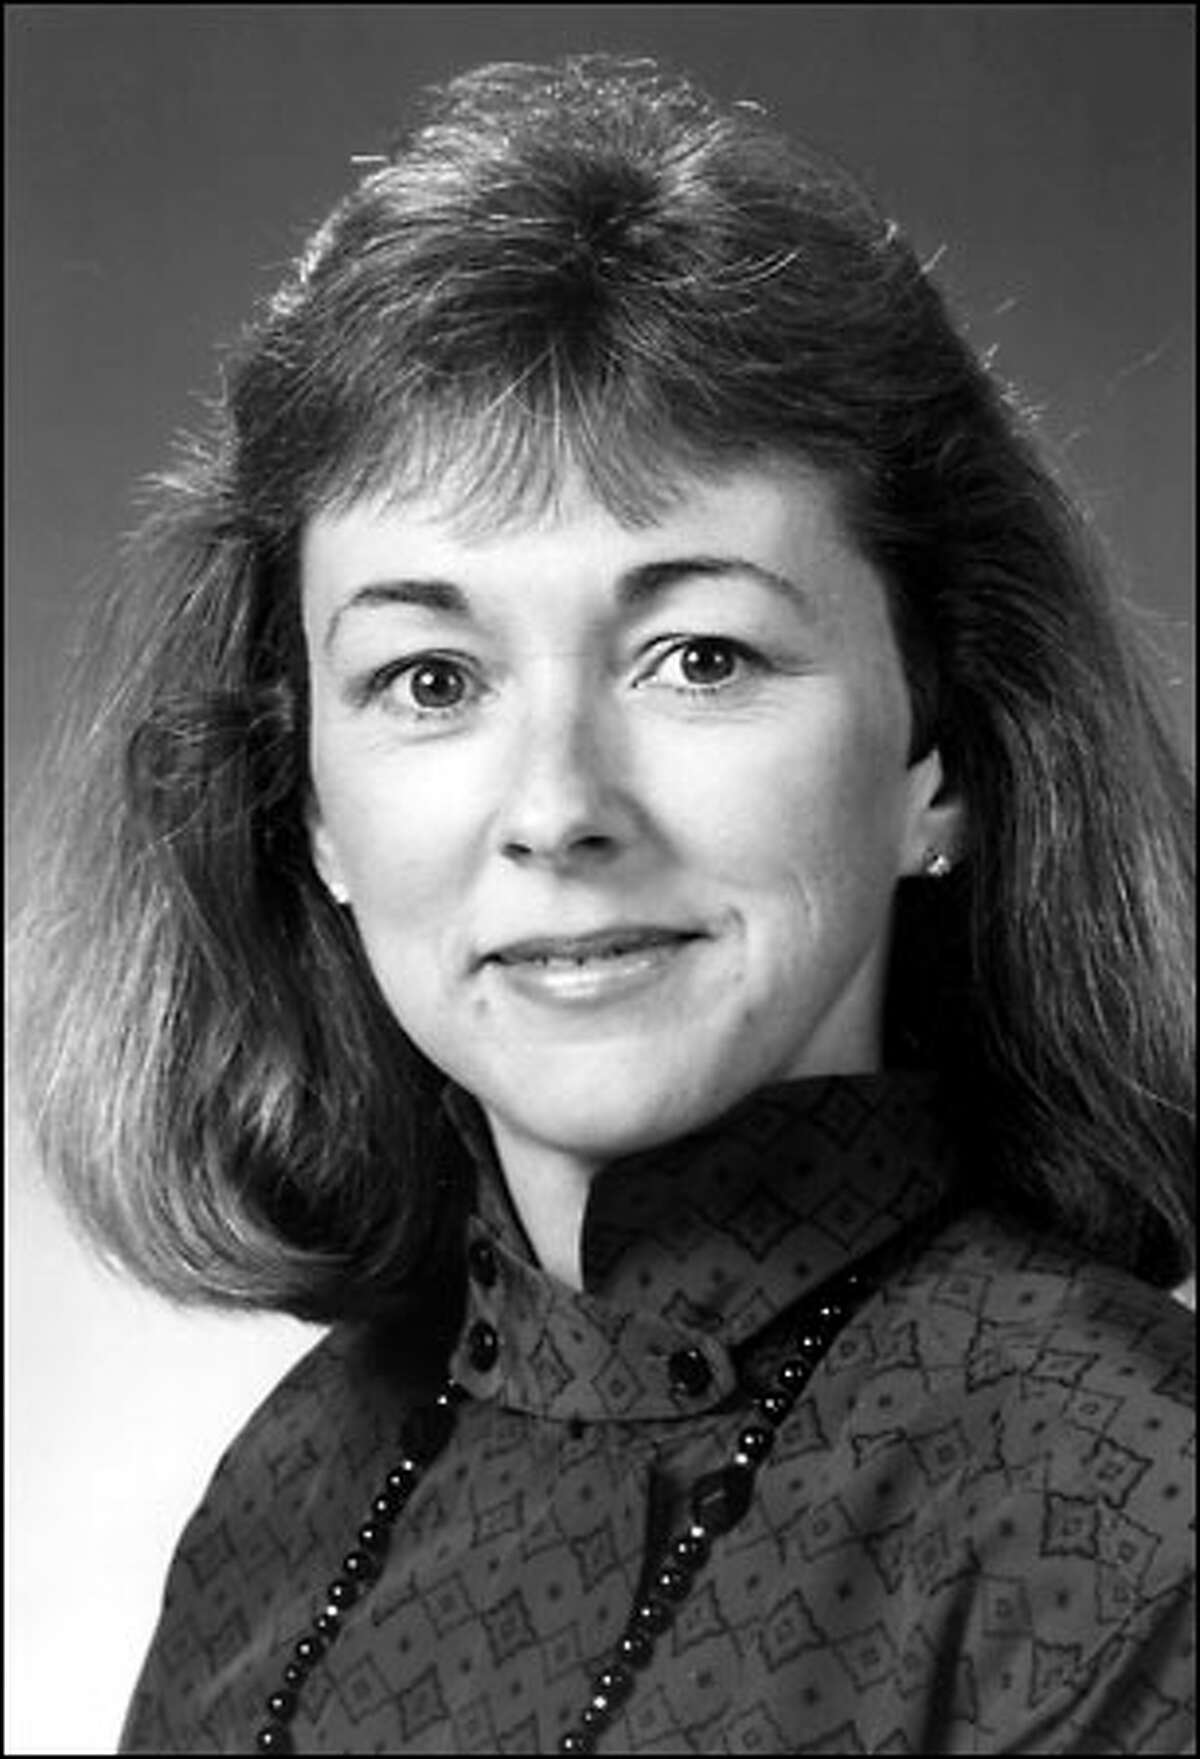 Deanna Openheinier